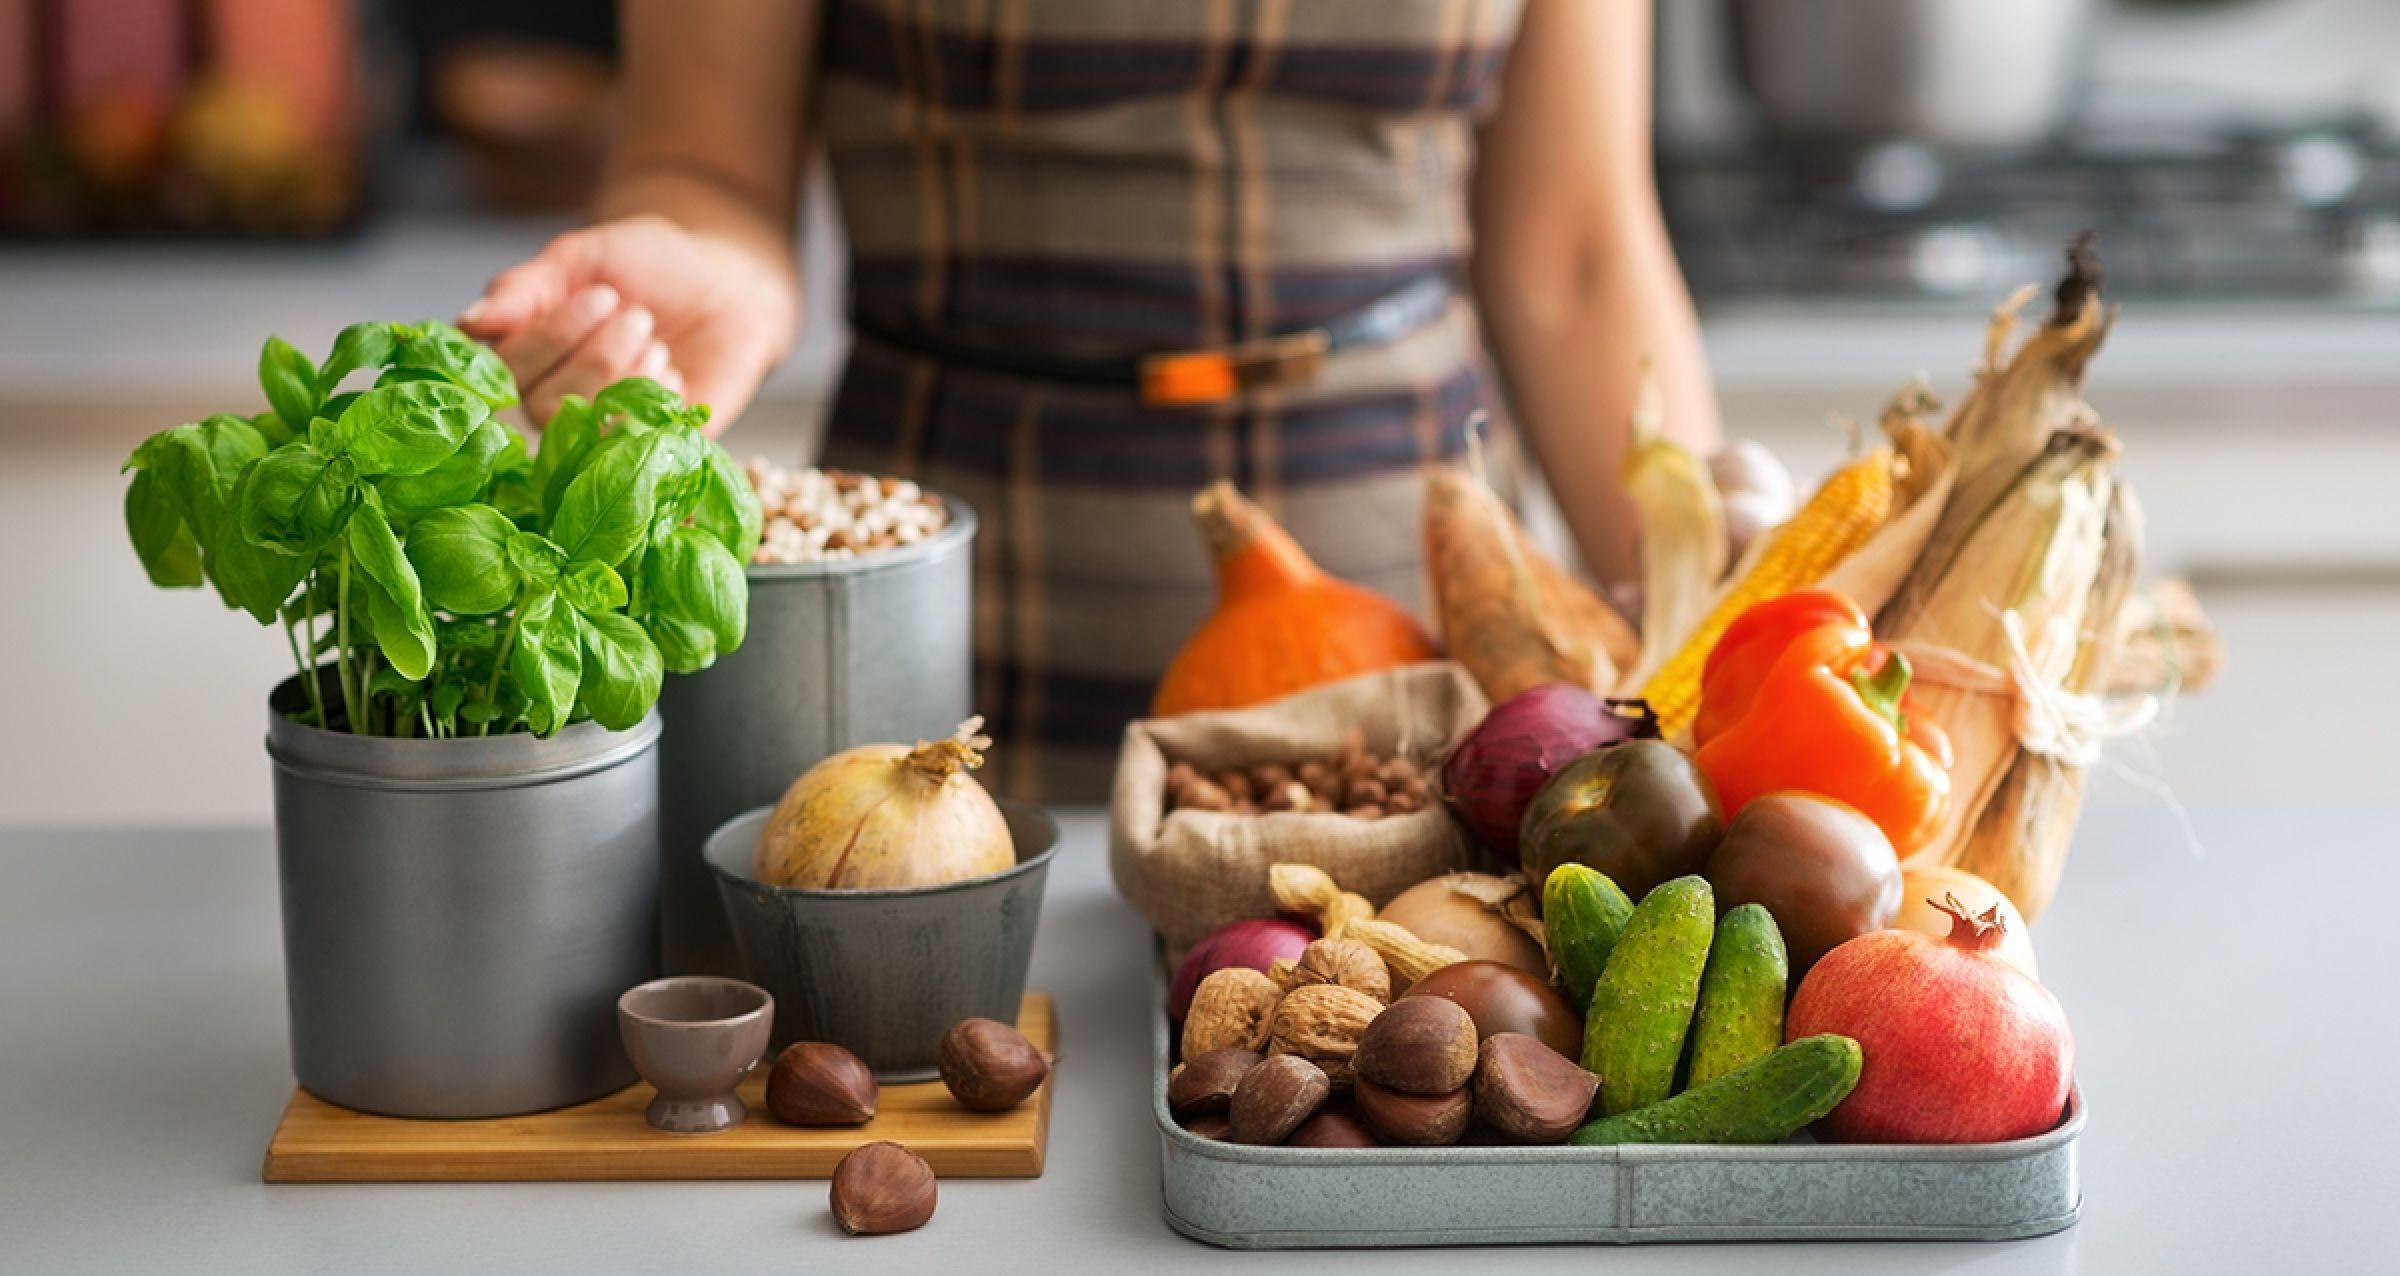 У вегетарианцев оказался более здоровый уровень маркеров болезней, чем у мясоедов